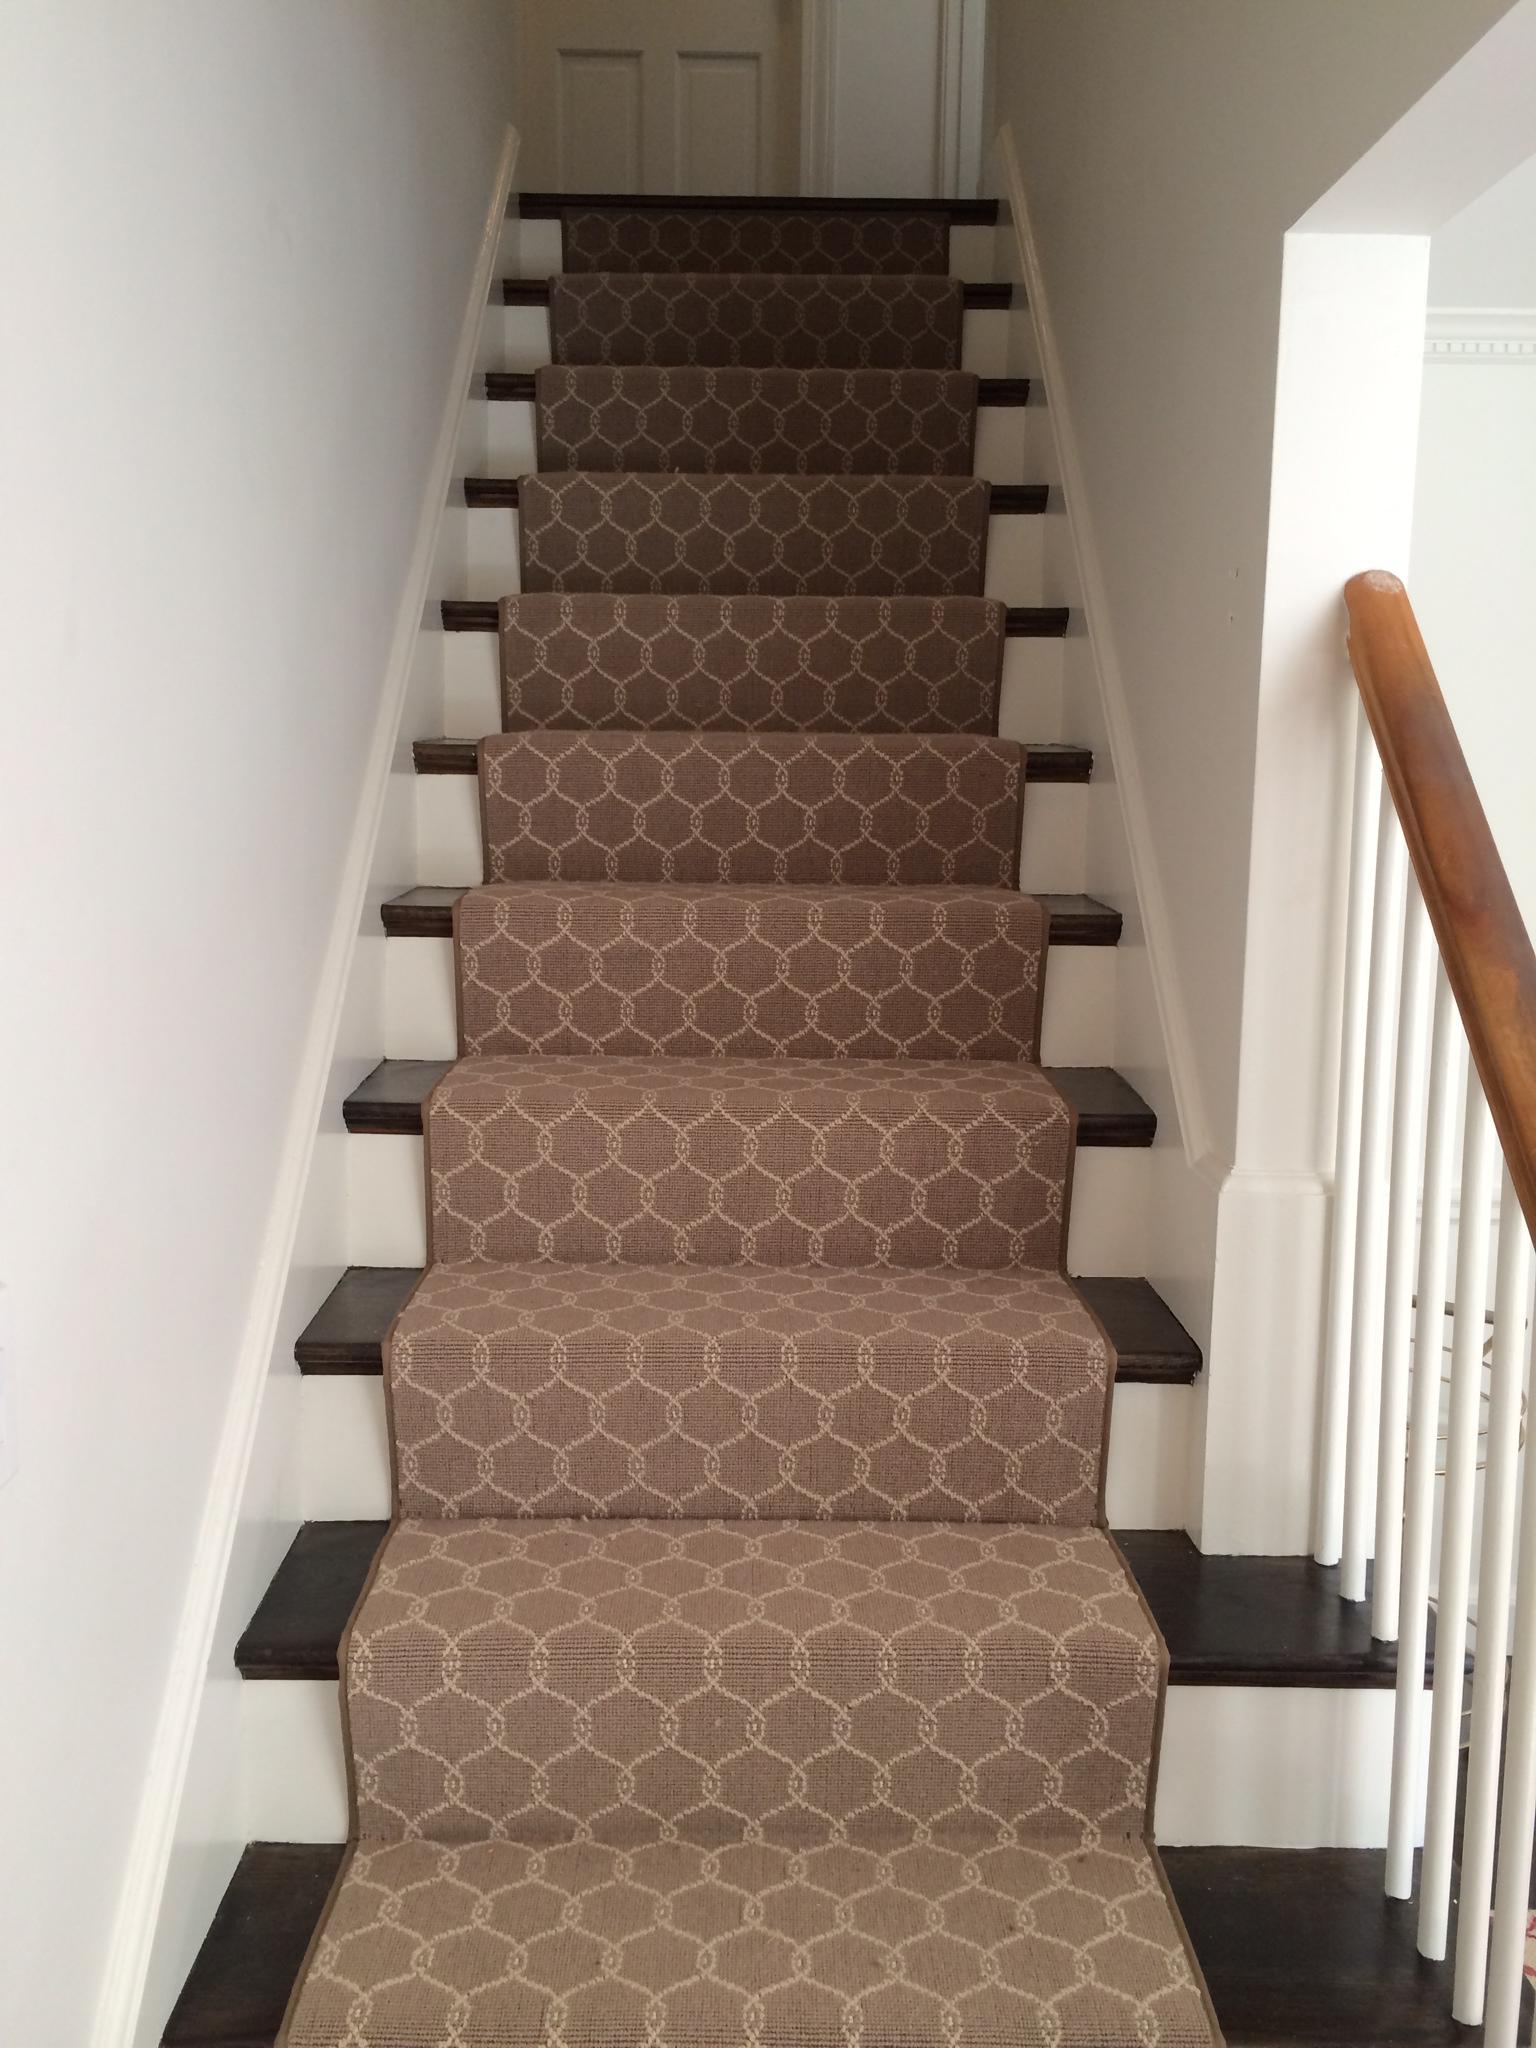 Stair Carpet Buyers Guide Carpet Workroom